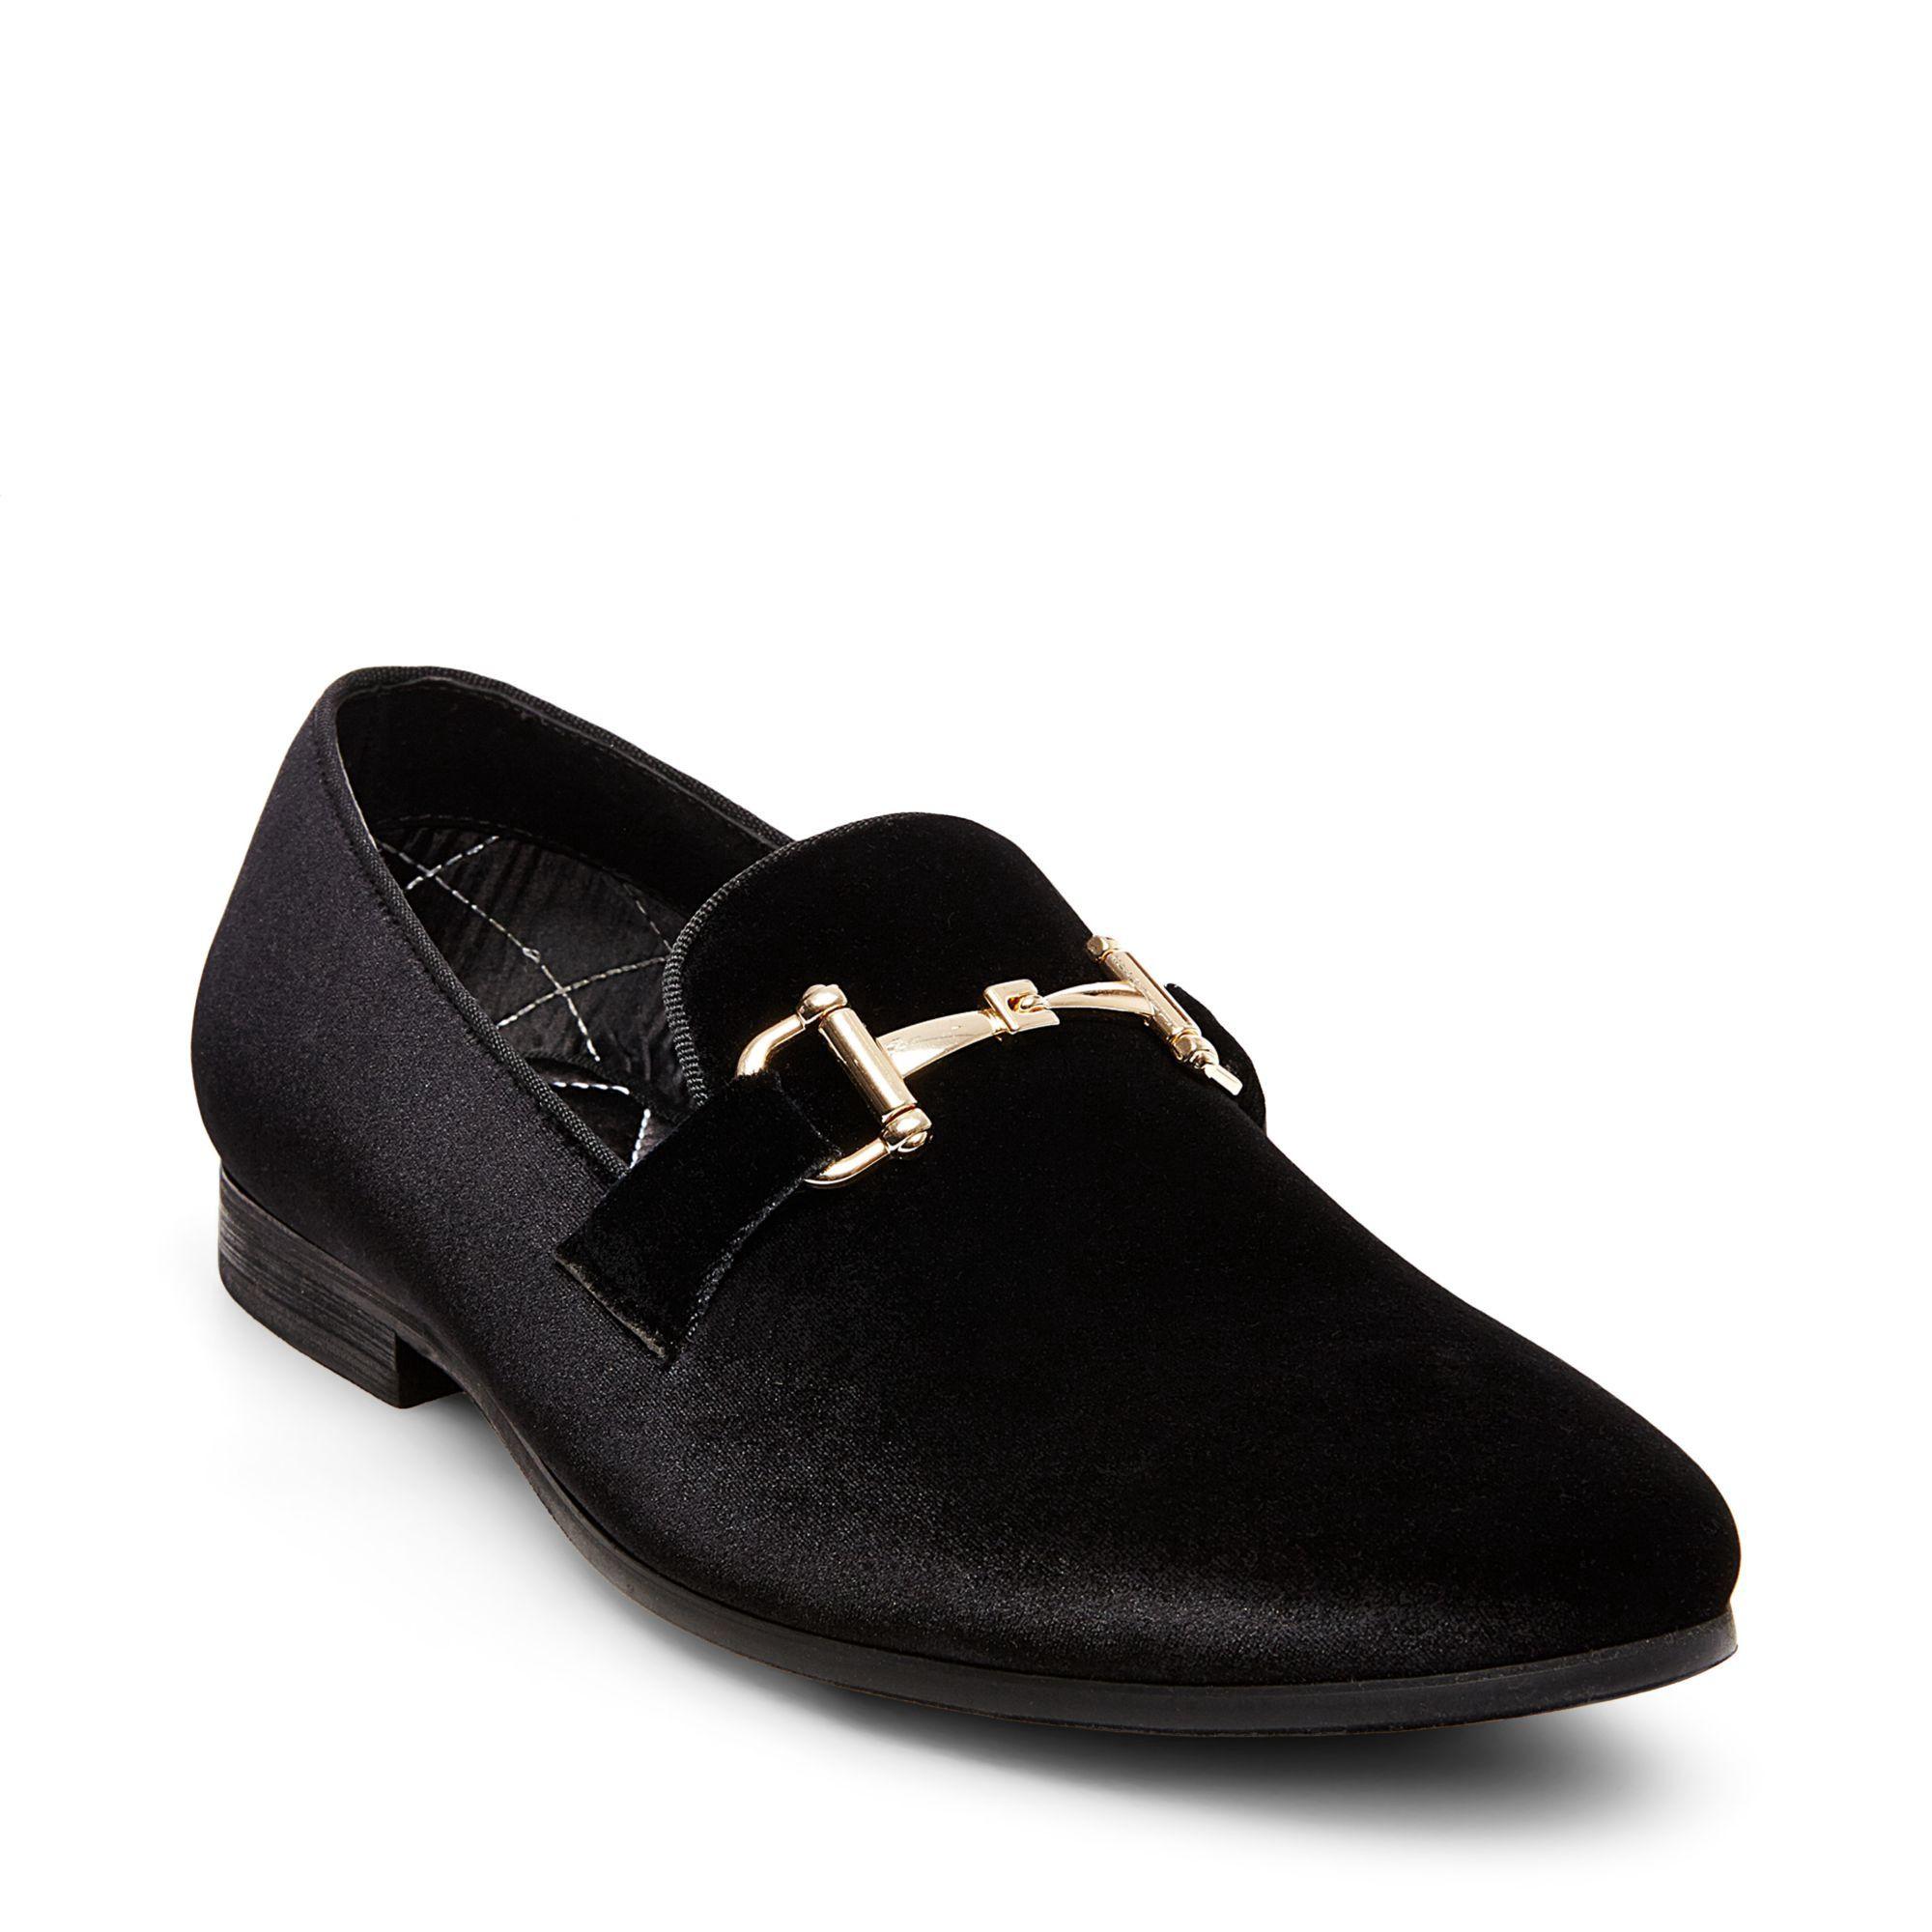 89414ebb0ea STEVE MADDEN Coine.  stevemadden  shoes  all